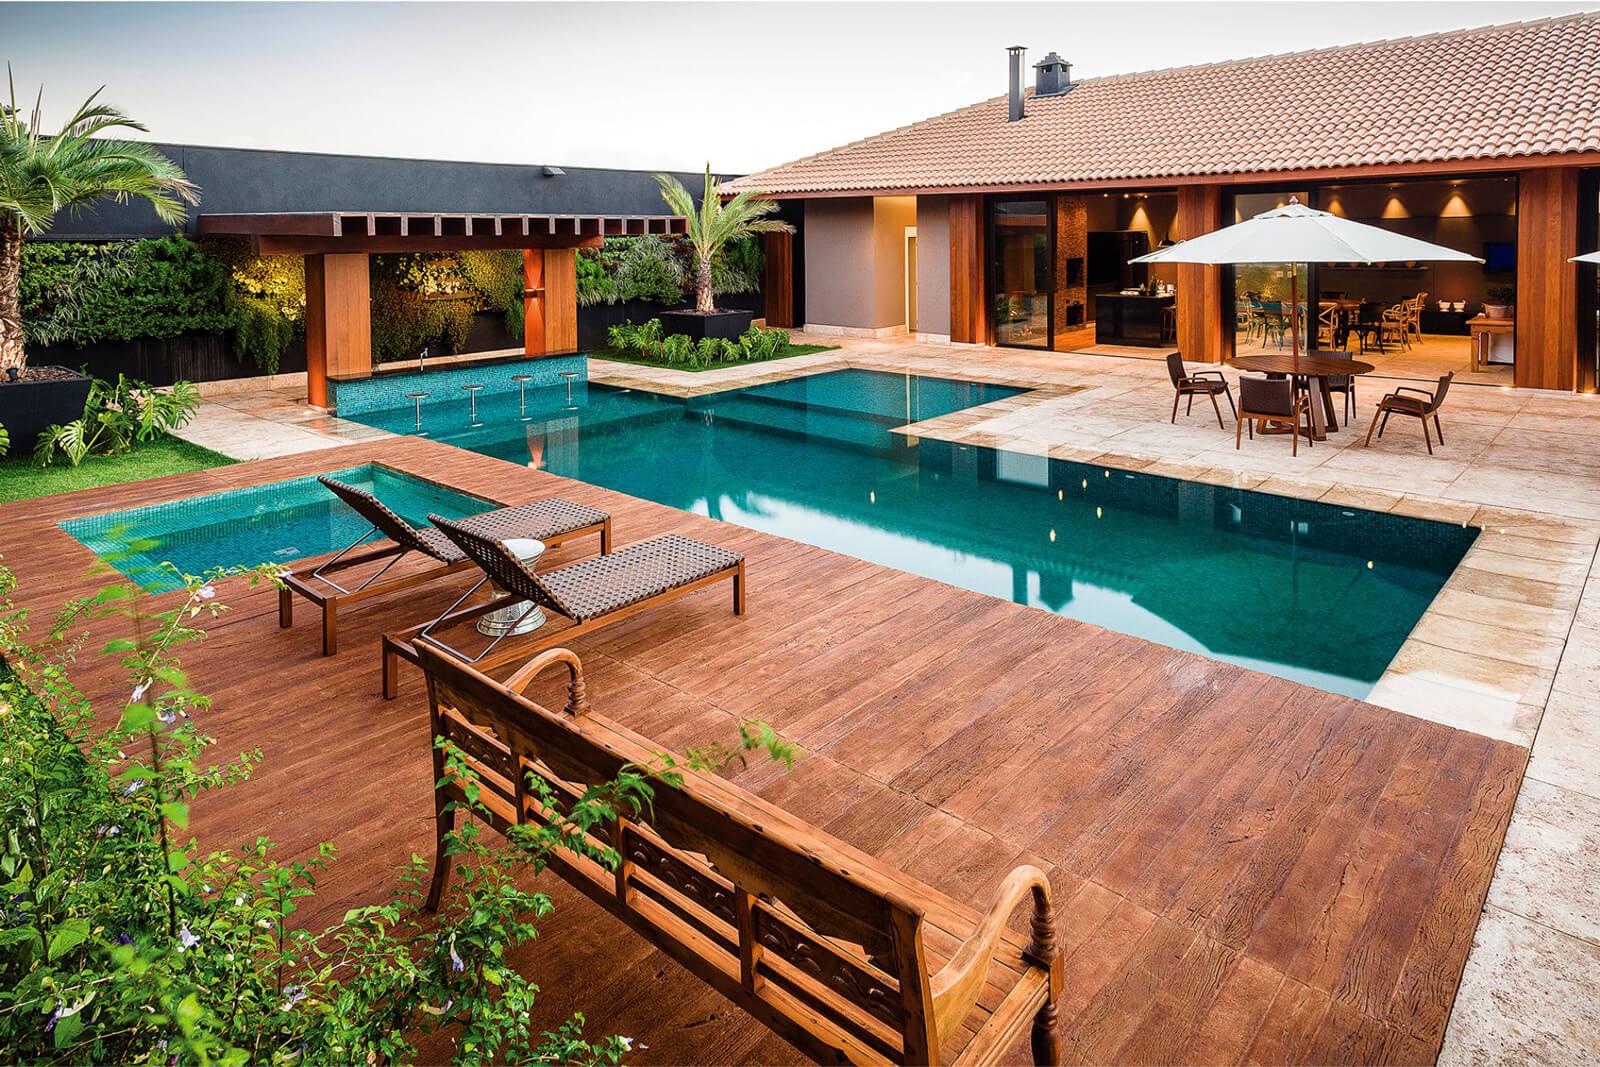 piscina com revestimento para a área externa